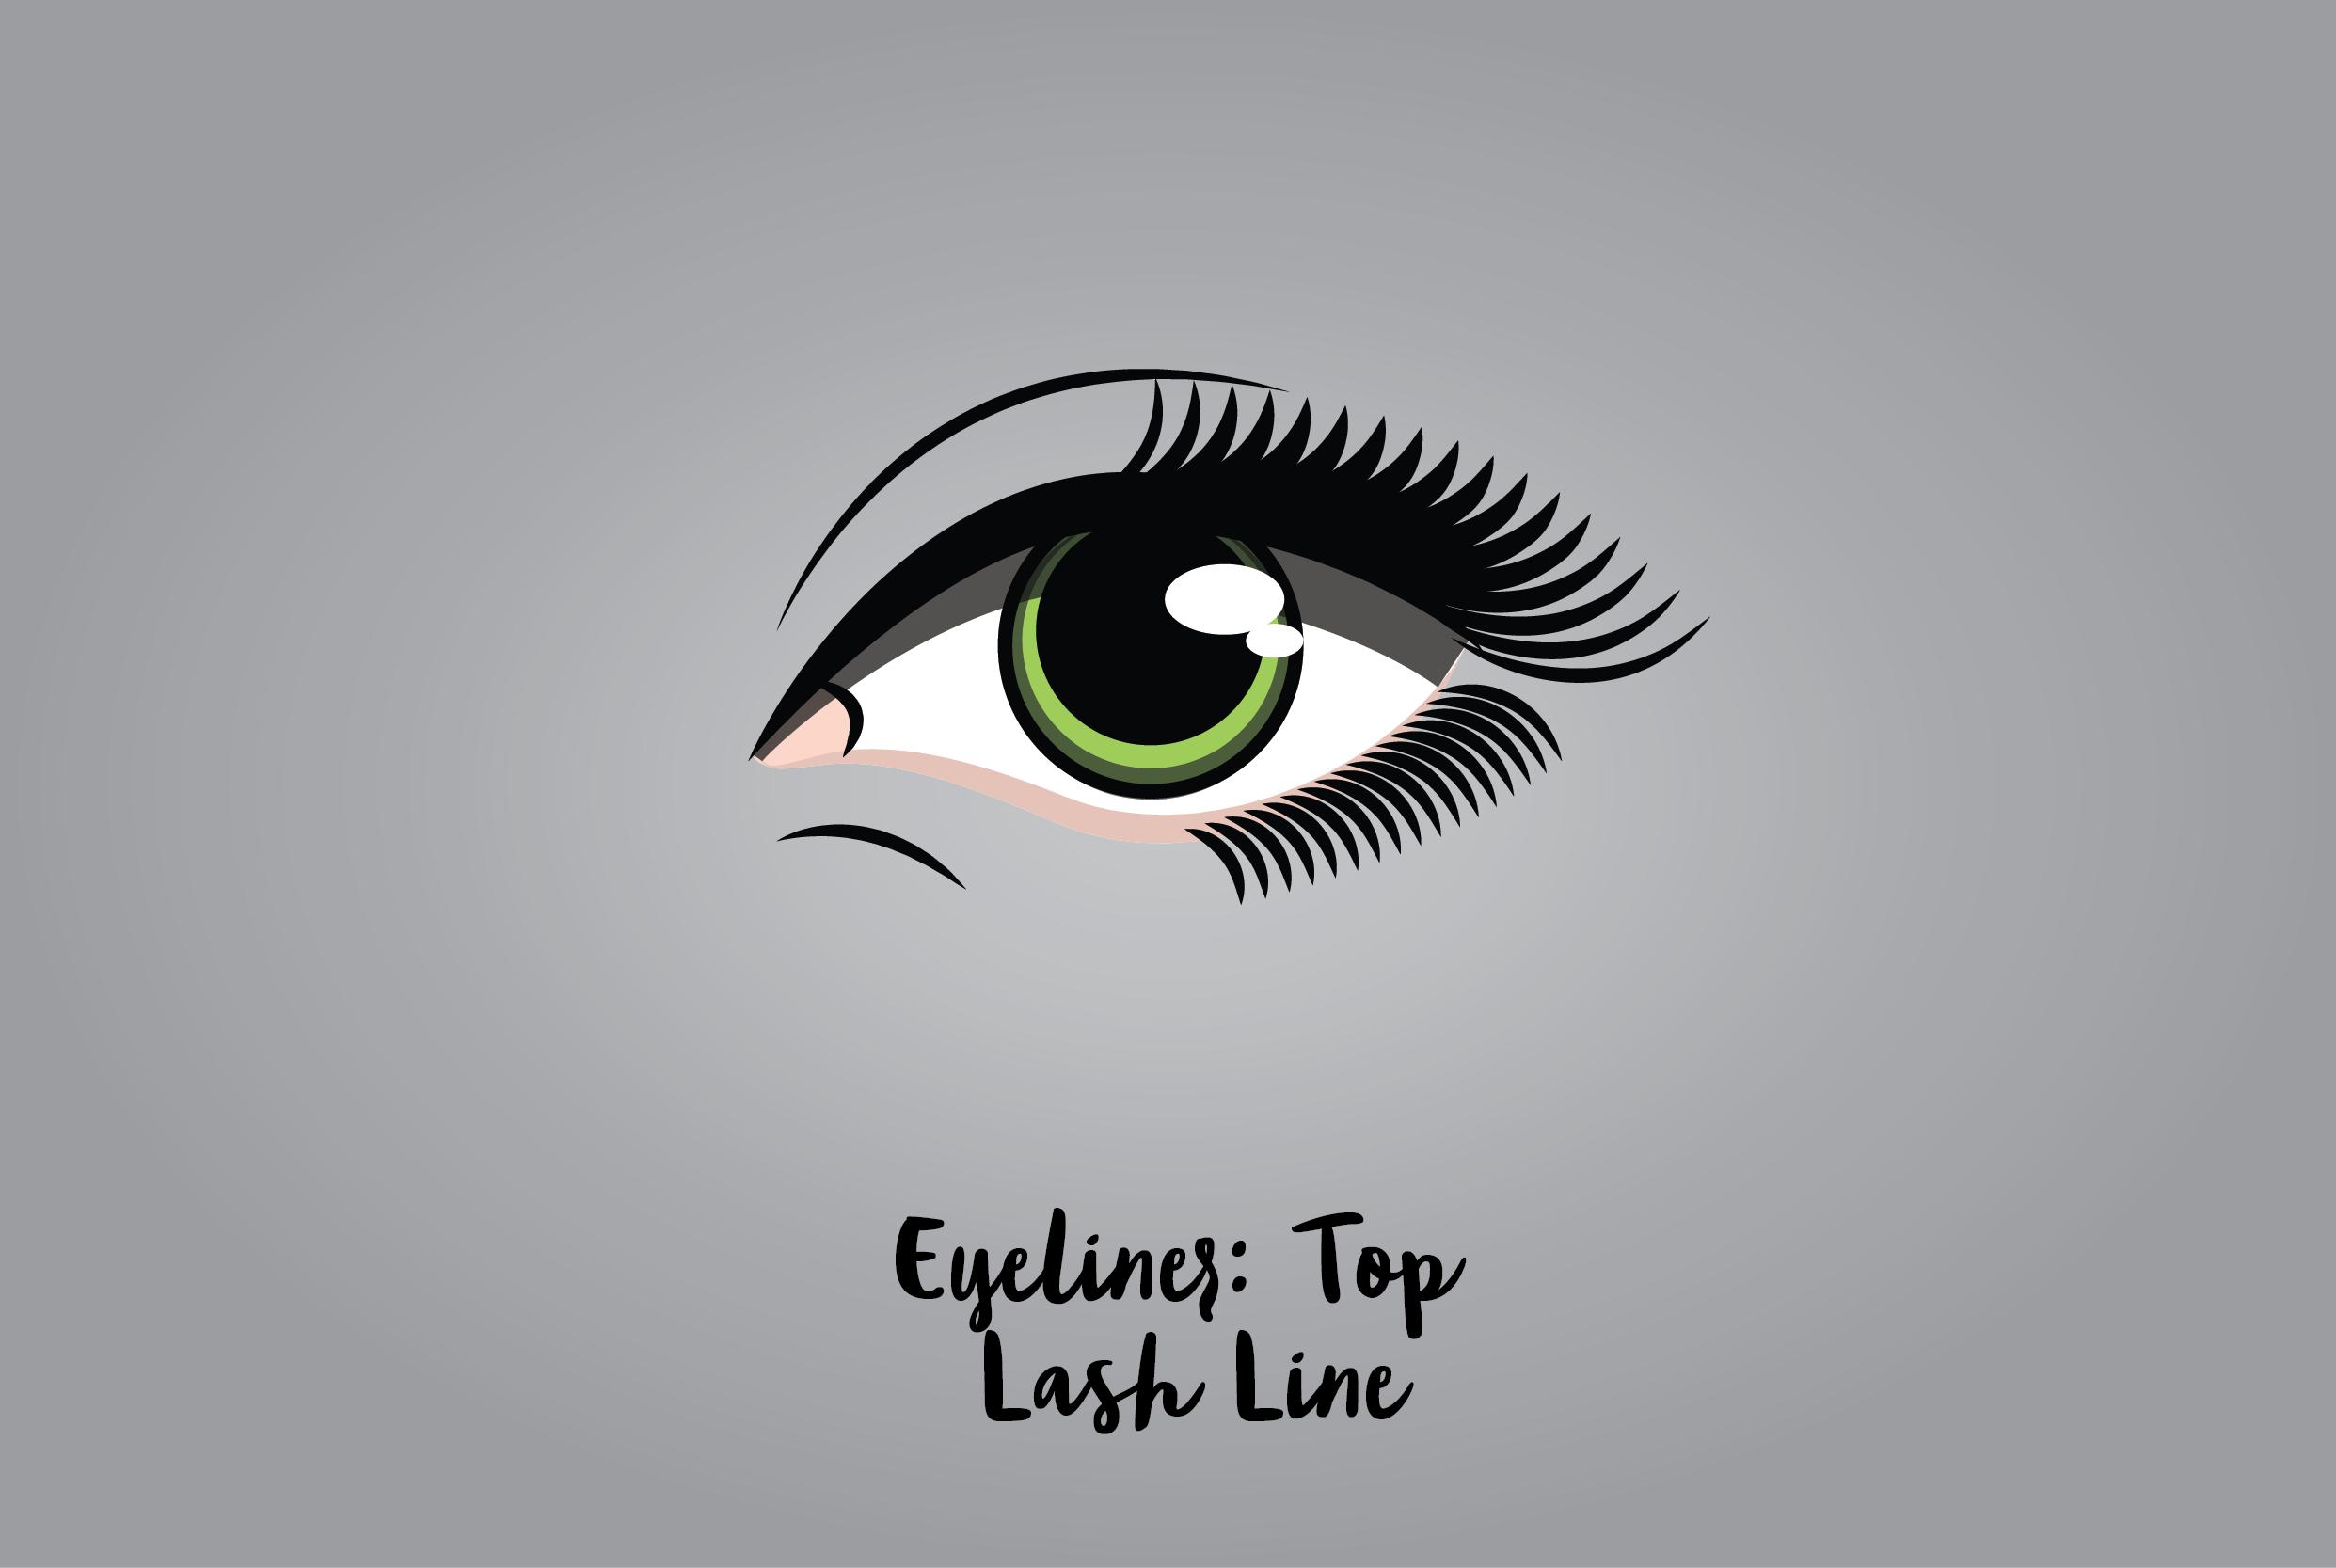 Eyeliner: Top Lash Line